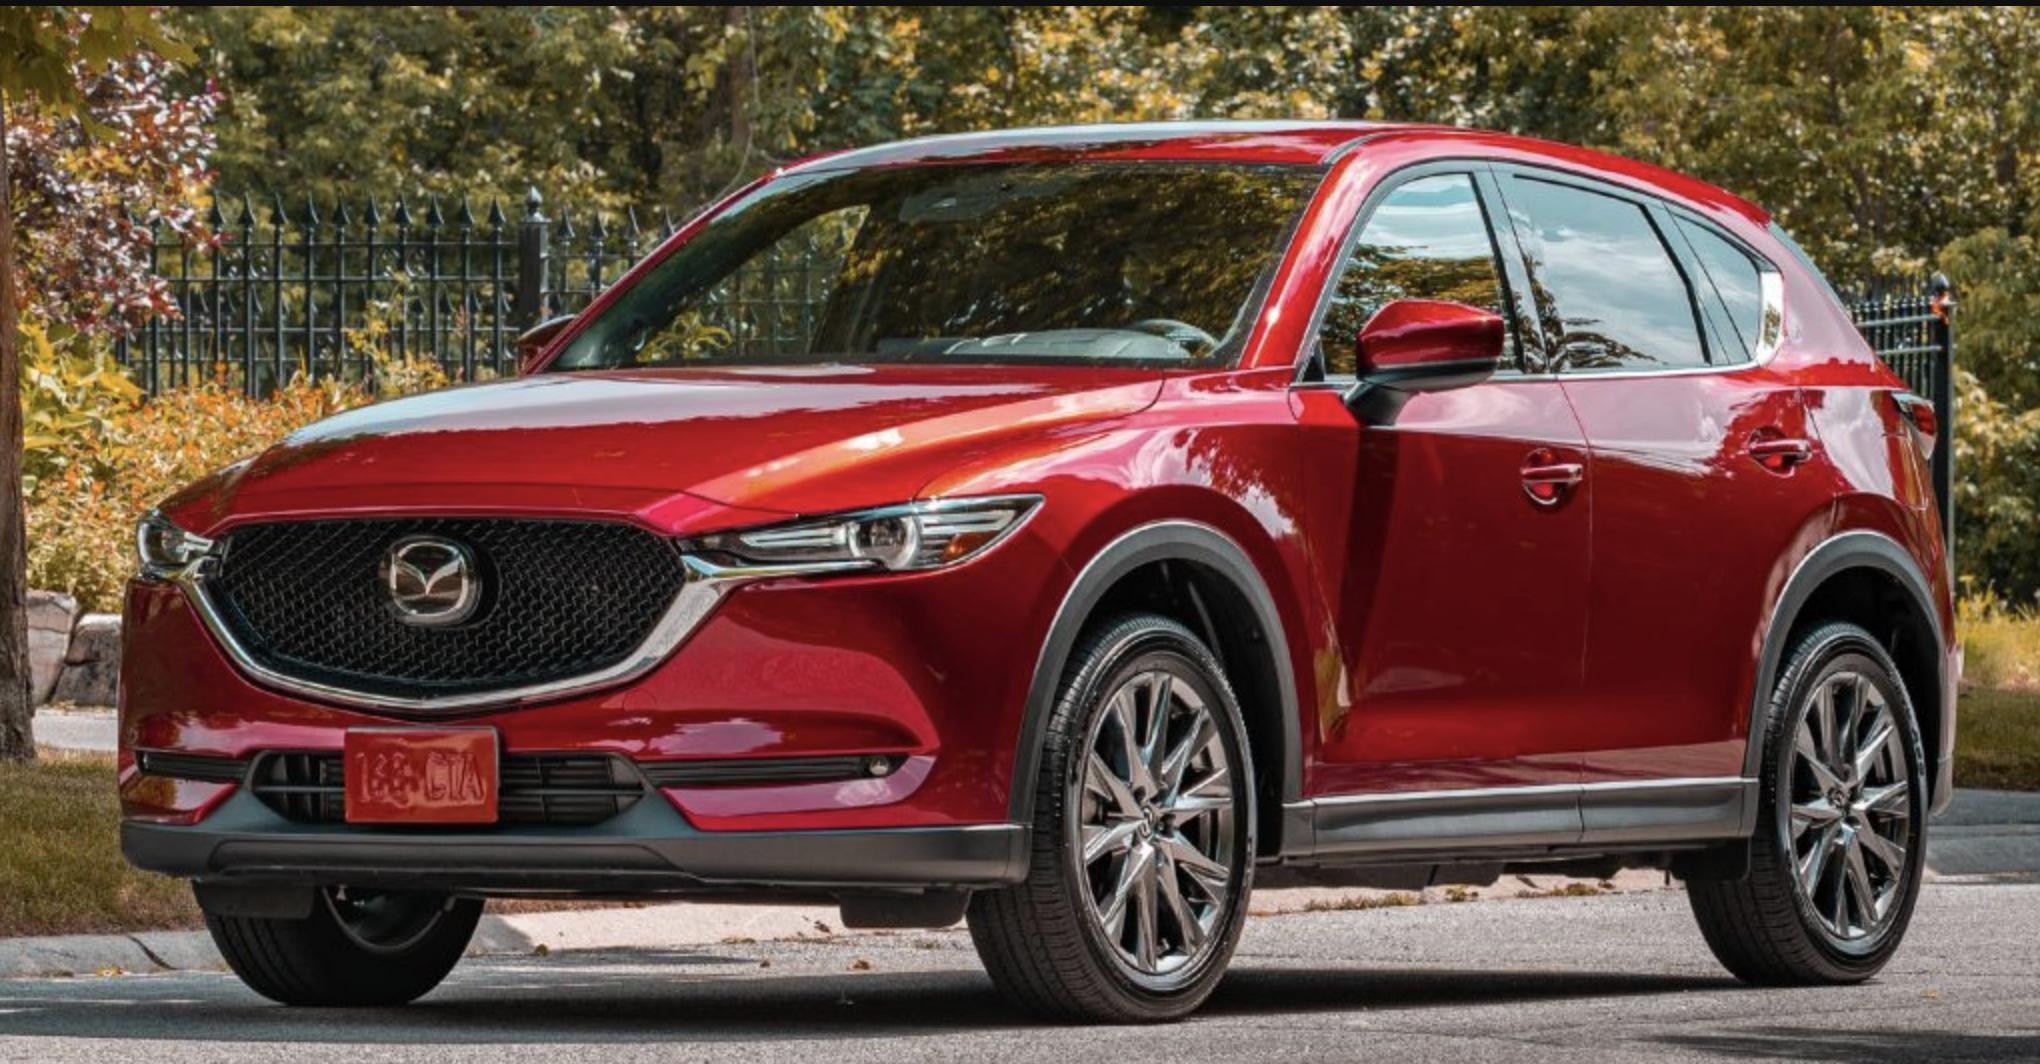 2019 Mazda Cx 5 News Upgrades Price >> Team Mazda Blog Team Mazda Blog News Updates And Info